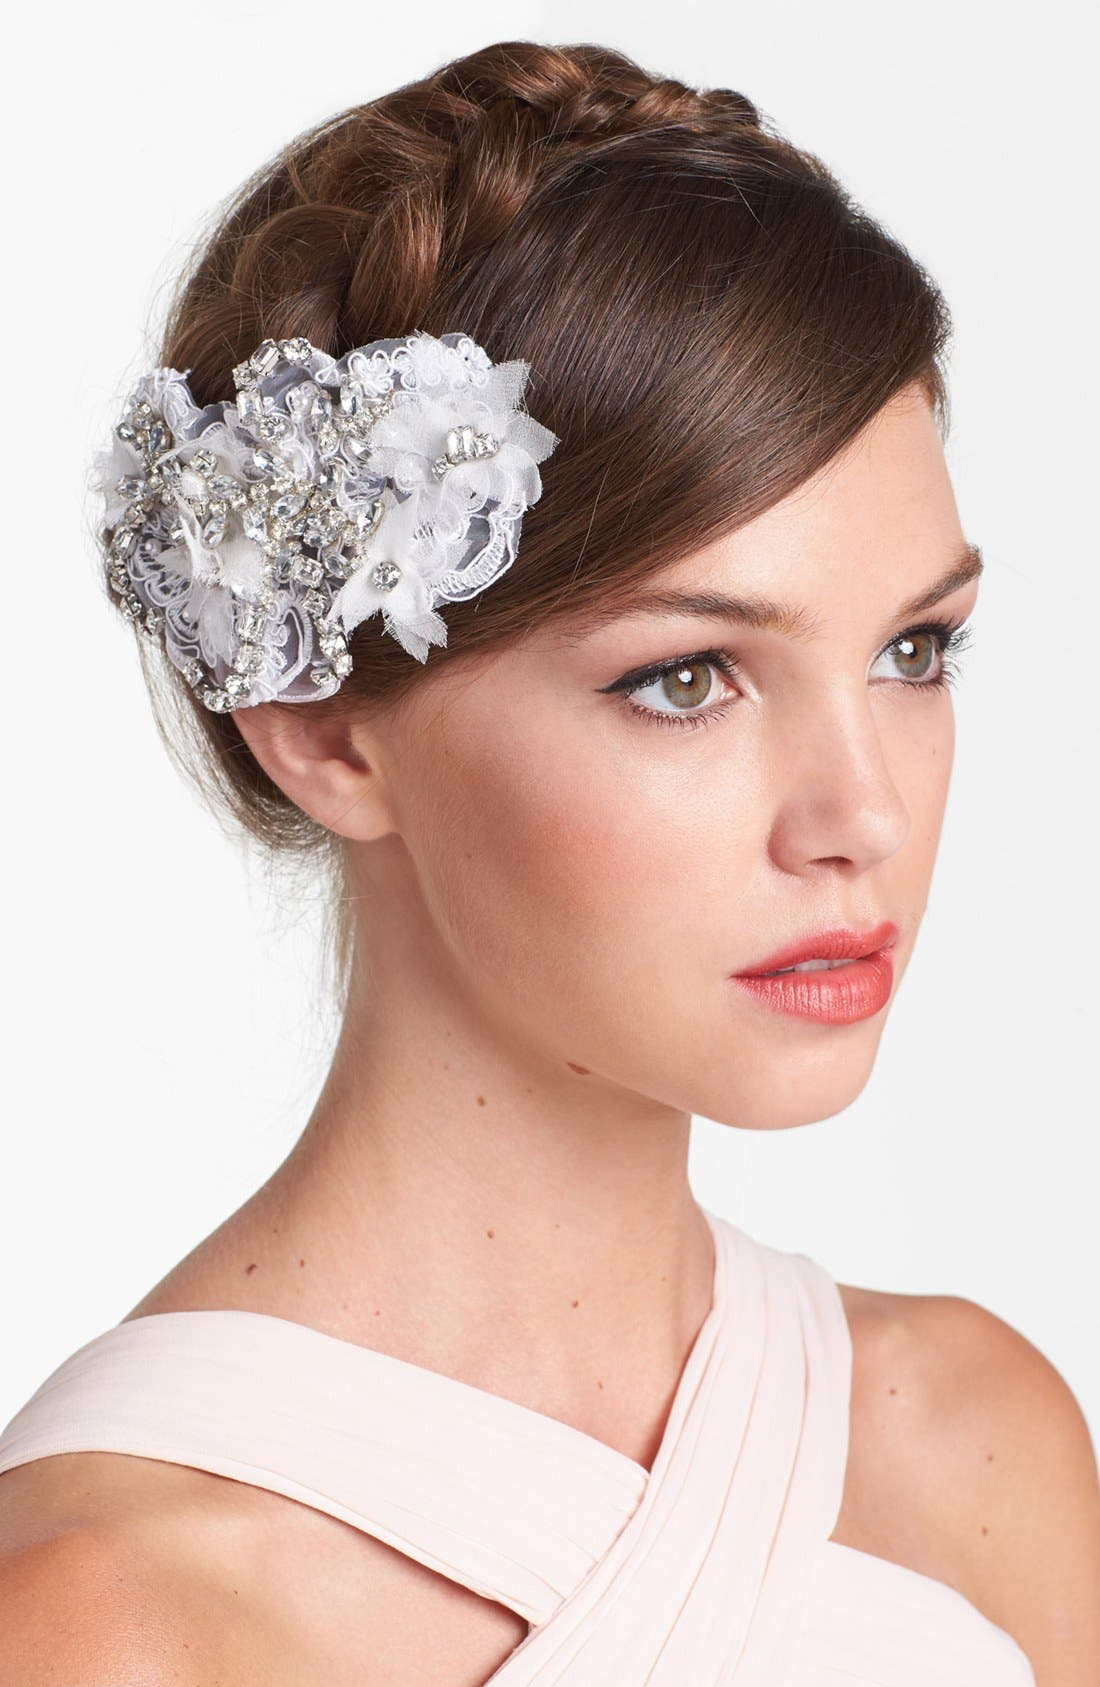 Main Image - Serephine 'Eloise' Rhinestone & Lace Bridal Comb